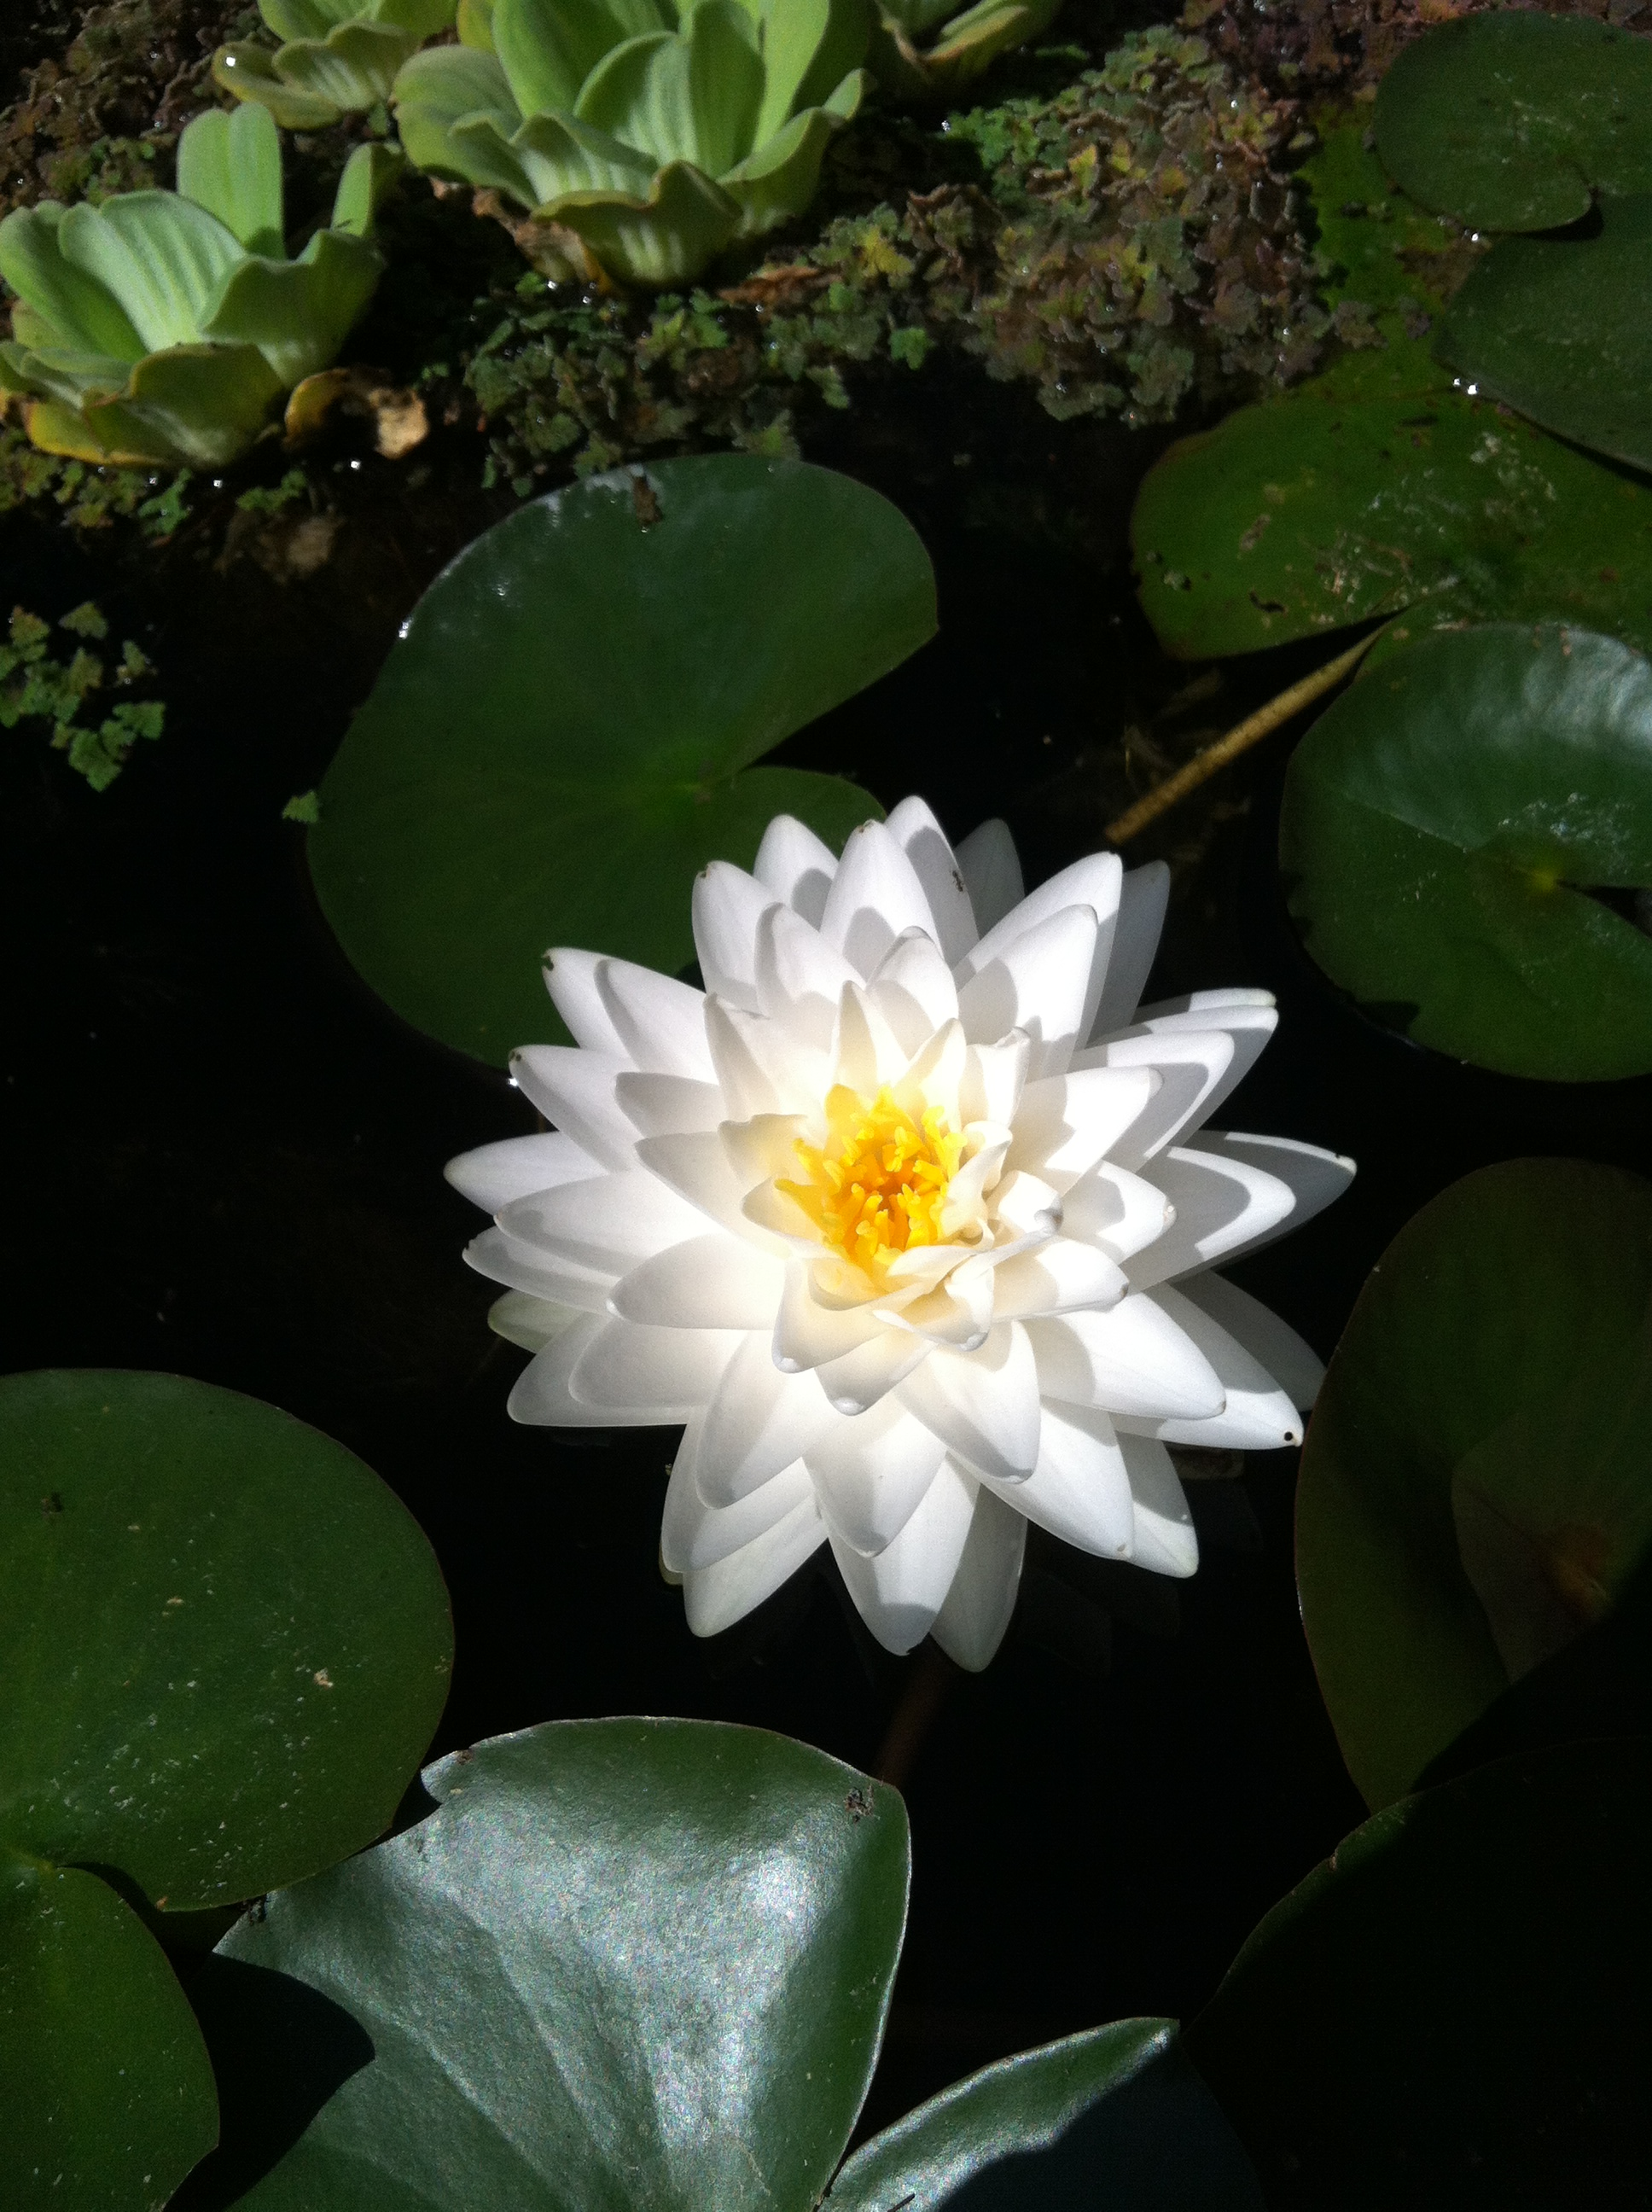 Van ness water garden white hardy water lilies gonnere izmirmasajfo Gallery